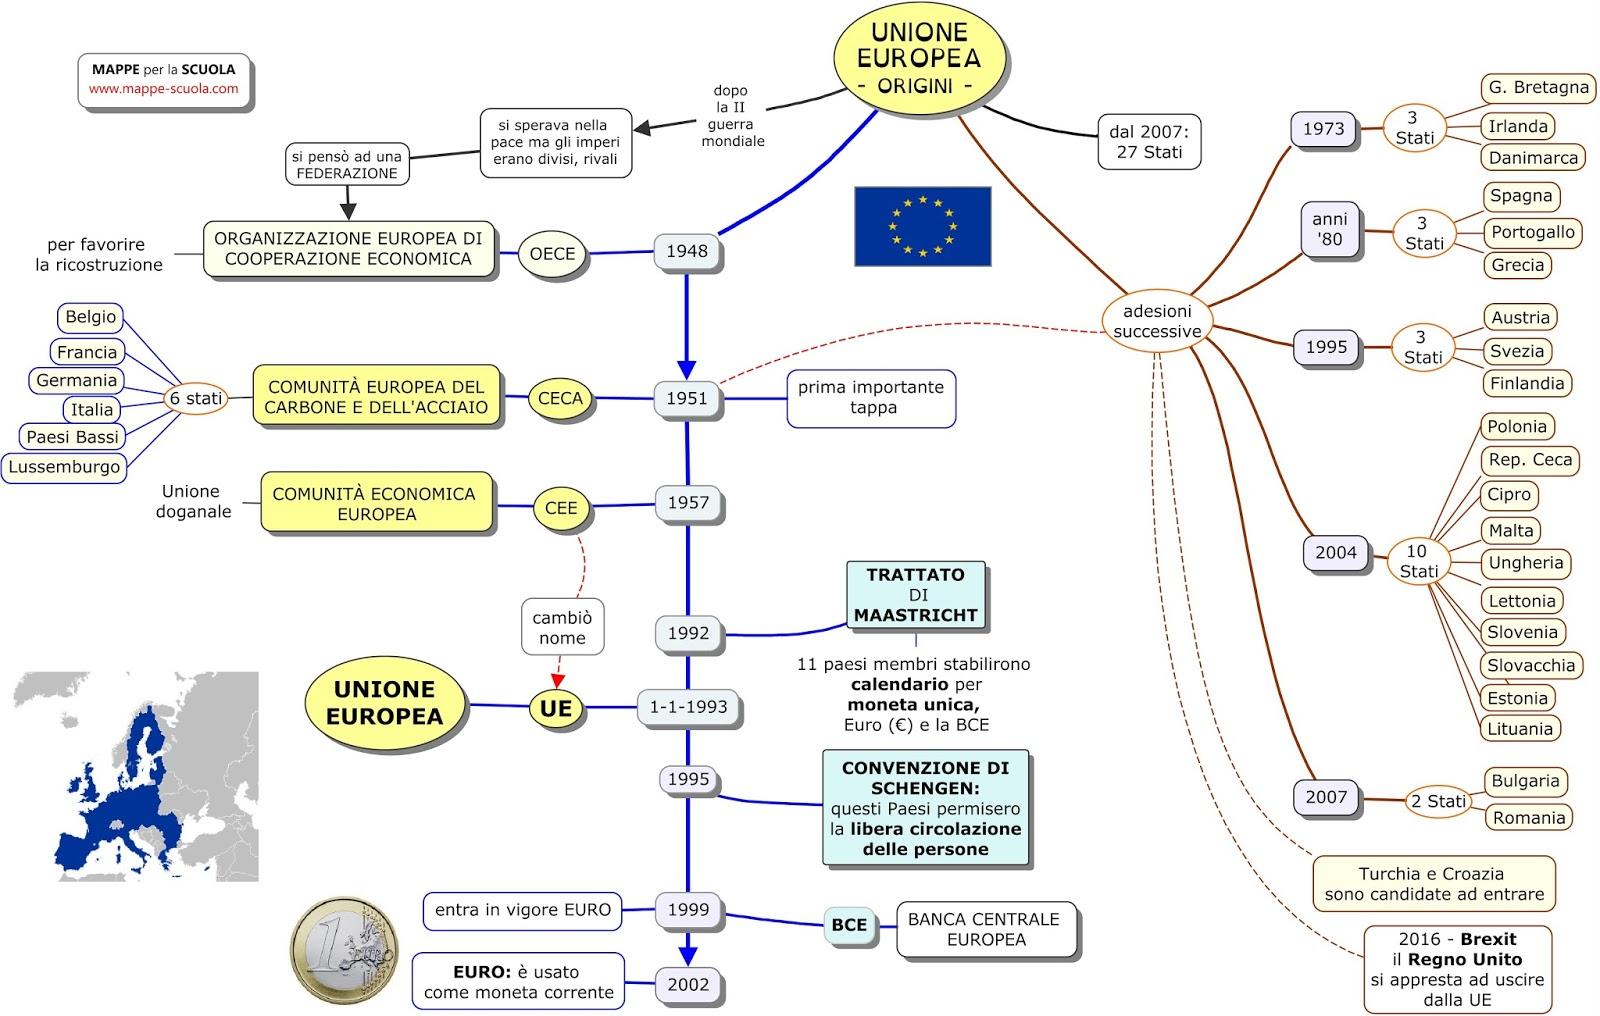 Mappe Per La Scuola Unione Europea Le Origini